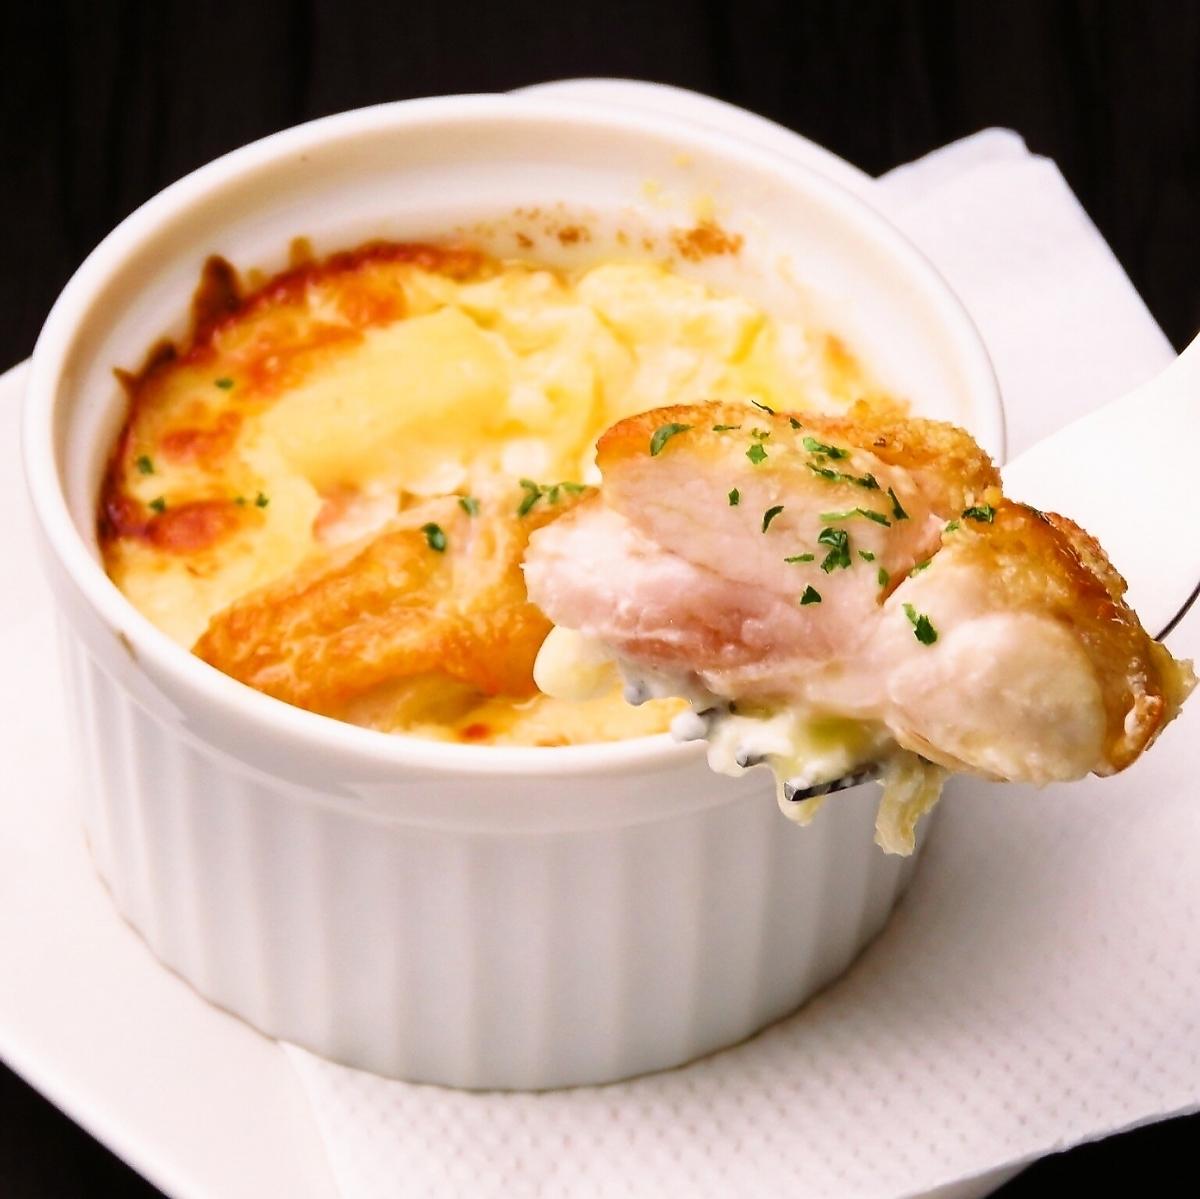 Chicken gratin